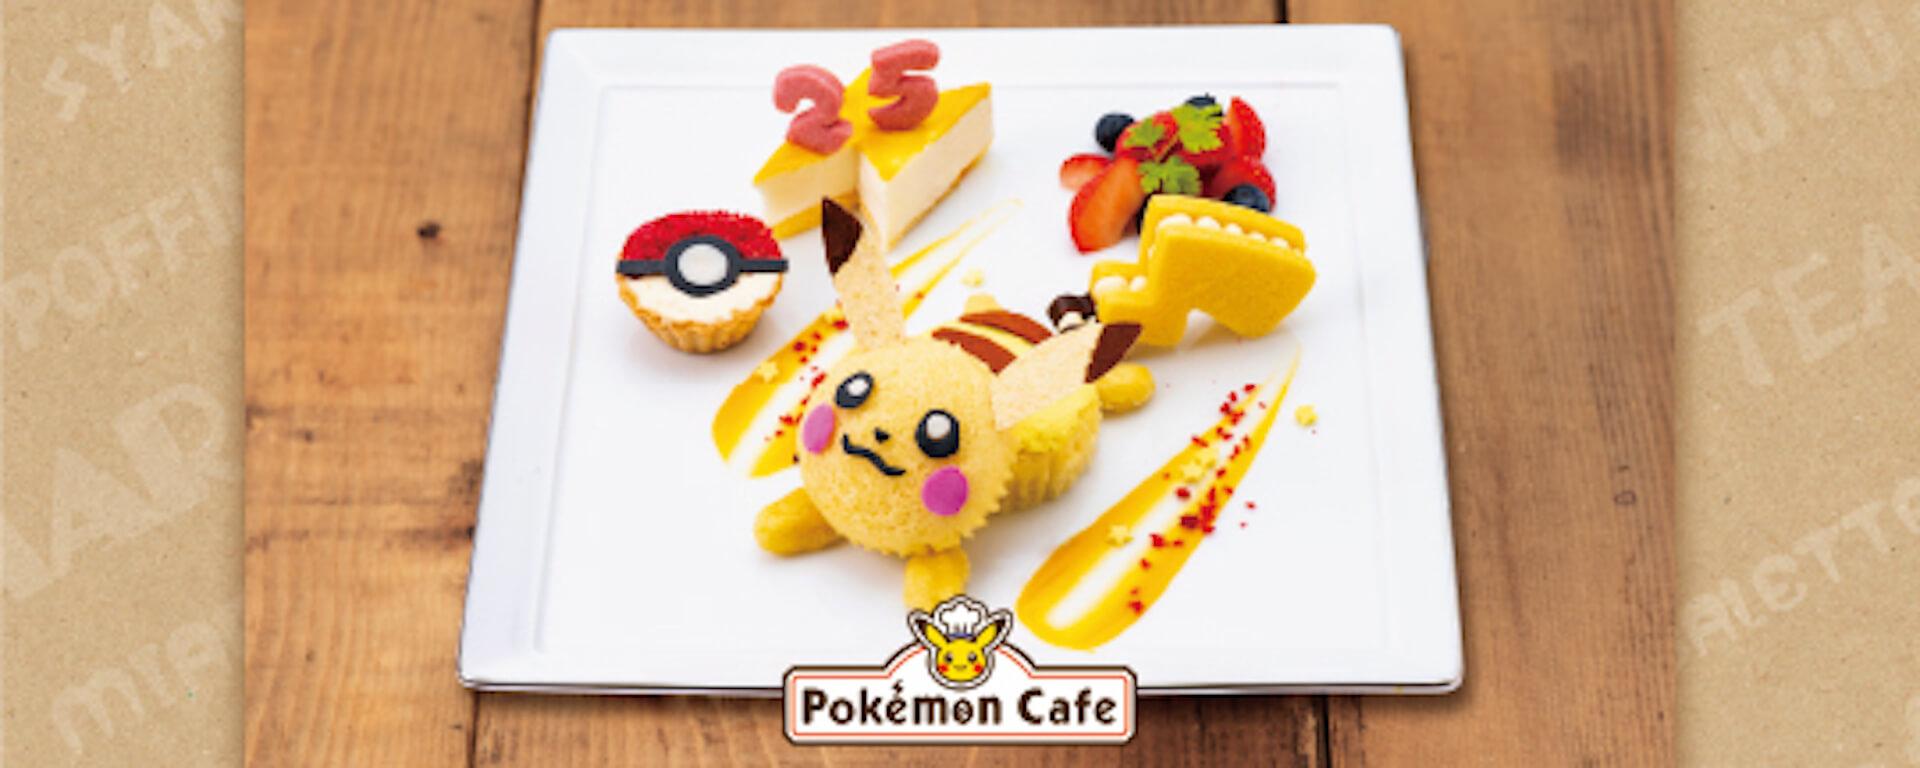 2月27日は「Pokémon Day」25周年!『ポケモン ソード・シールド』、『Pokémon GO』などで新企画が満載 art210219_pokemonday_4